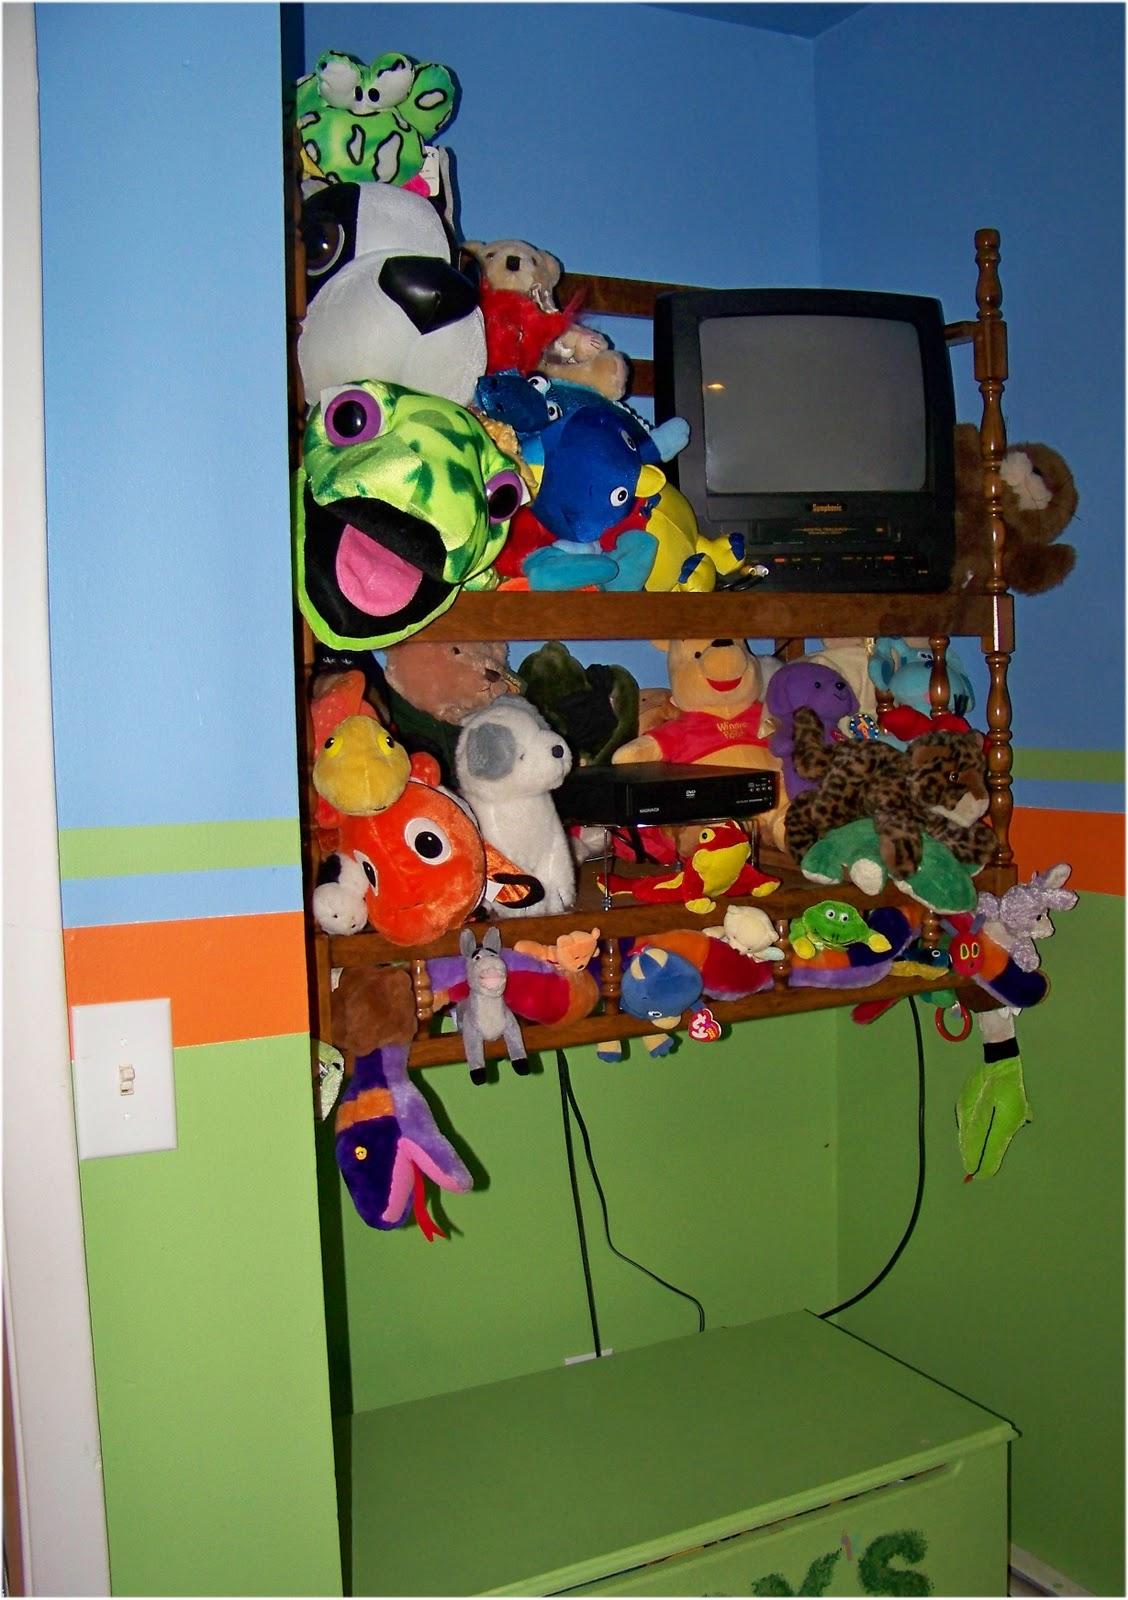 http://1.bp.blogspot.com/_pkq7WZR_Rr8/TOm_RH-JkLI/AAAAAAAAAFI/VdceHSej68Y/s1600/sb%2527s+room7.jpg